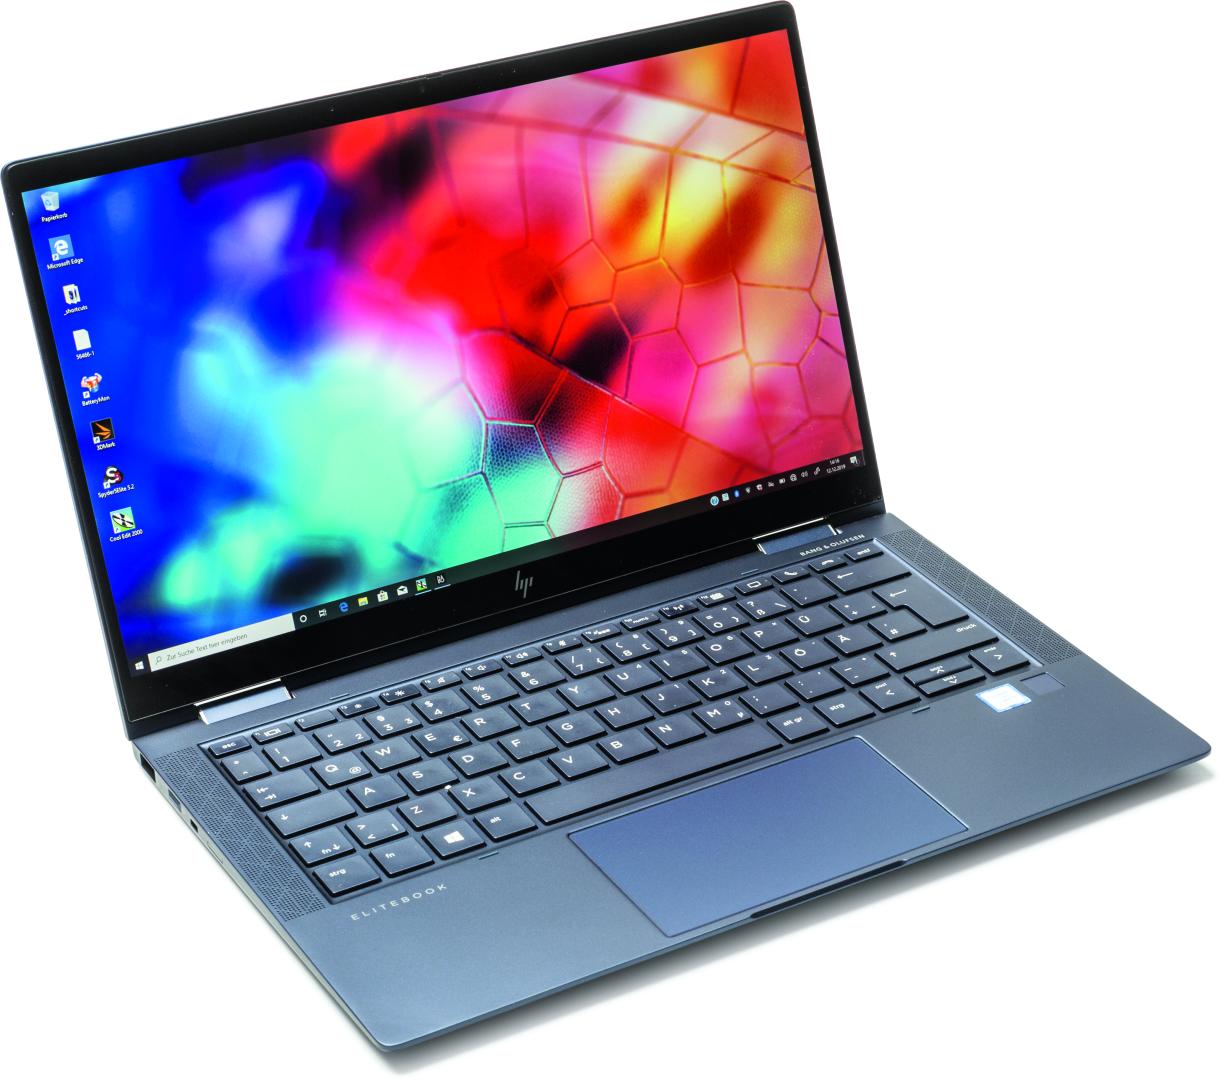 laptop kopen koopadvies wifi 4G 5G